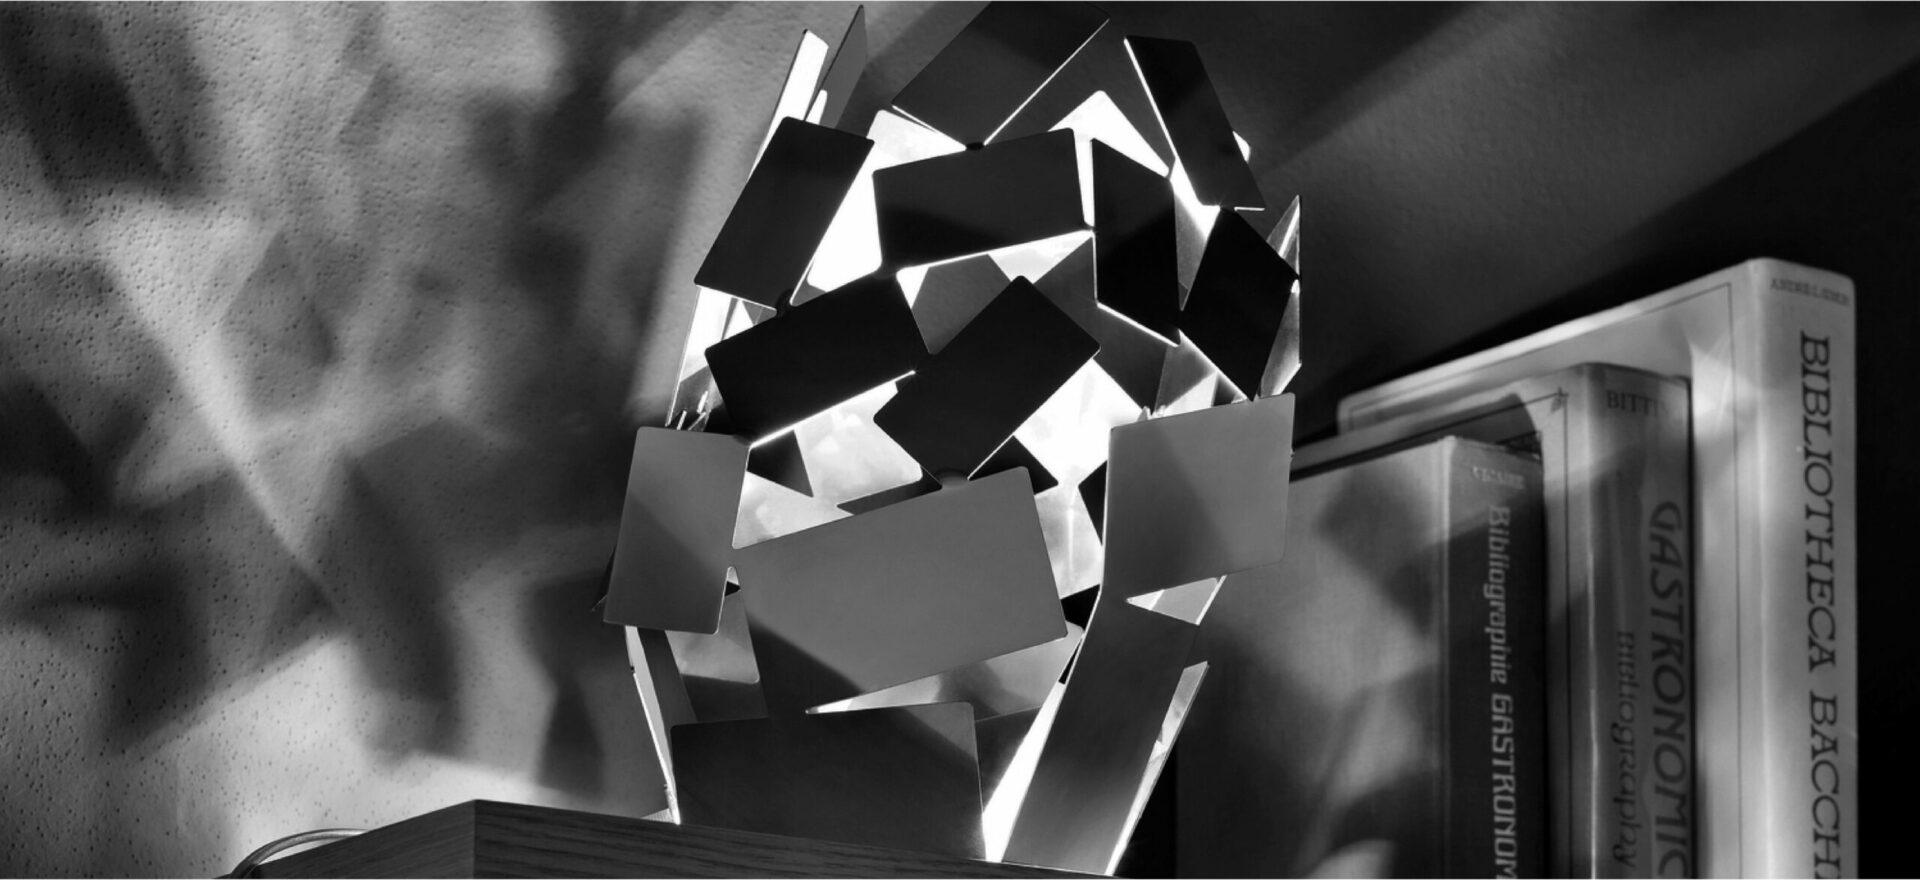 La Stanza dello Scirocco | Product Design | Light | Alessi | Mario Trimarchi Design | Ph Santi Caleca